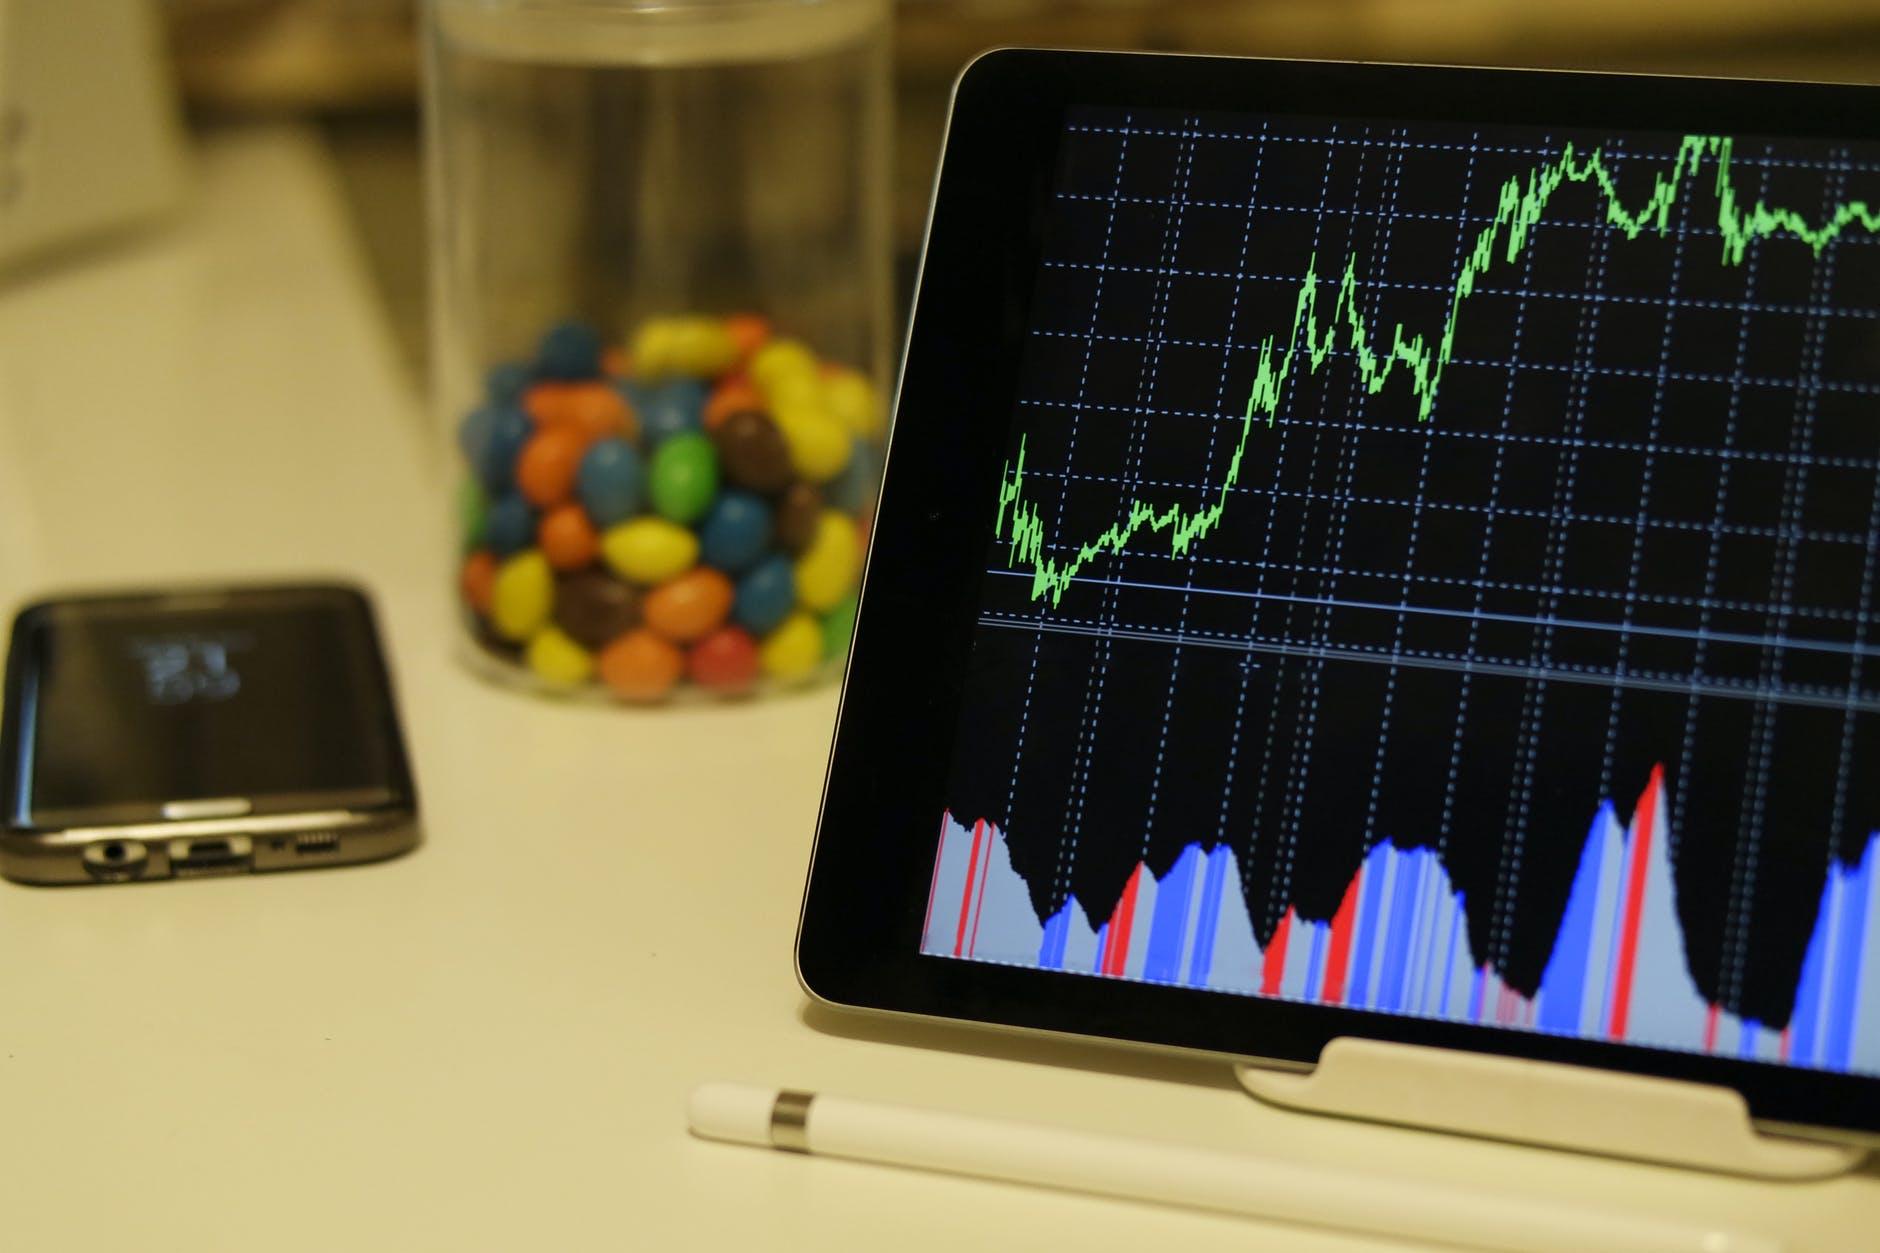 即期外汇交易的概念是什么?怎样计算即期汇率?